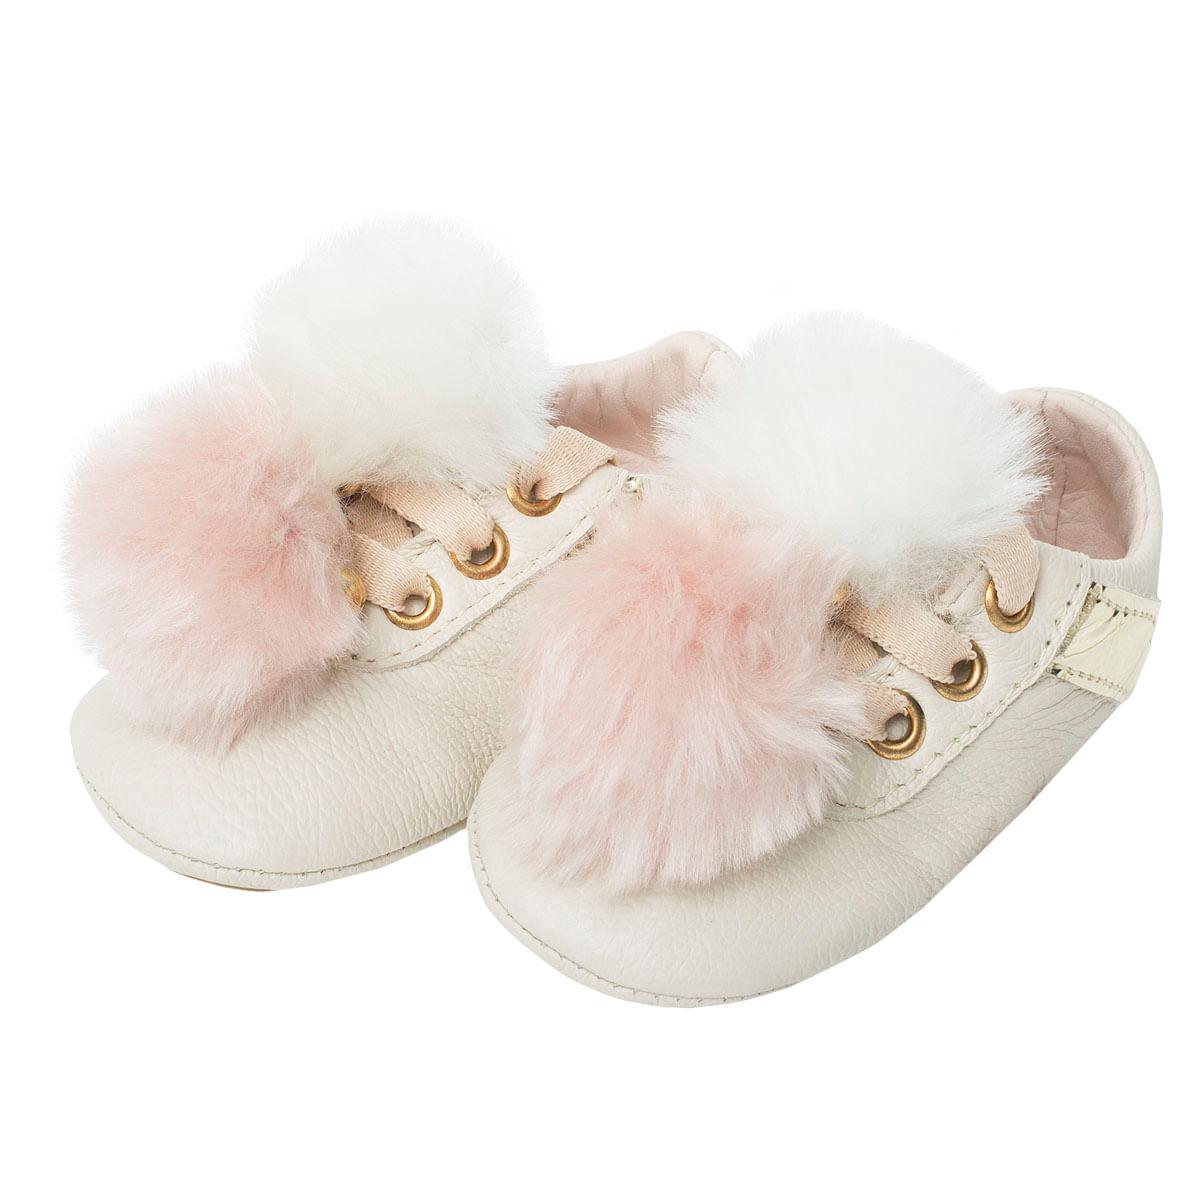 b83f03046a Tênis pompom em couro Marfim Dourado- Maria Caramelo no Bebefacil você  encontra uma grande variedade de sapatinhos para bebes - bebefacil